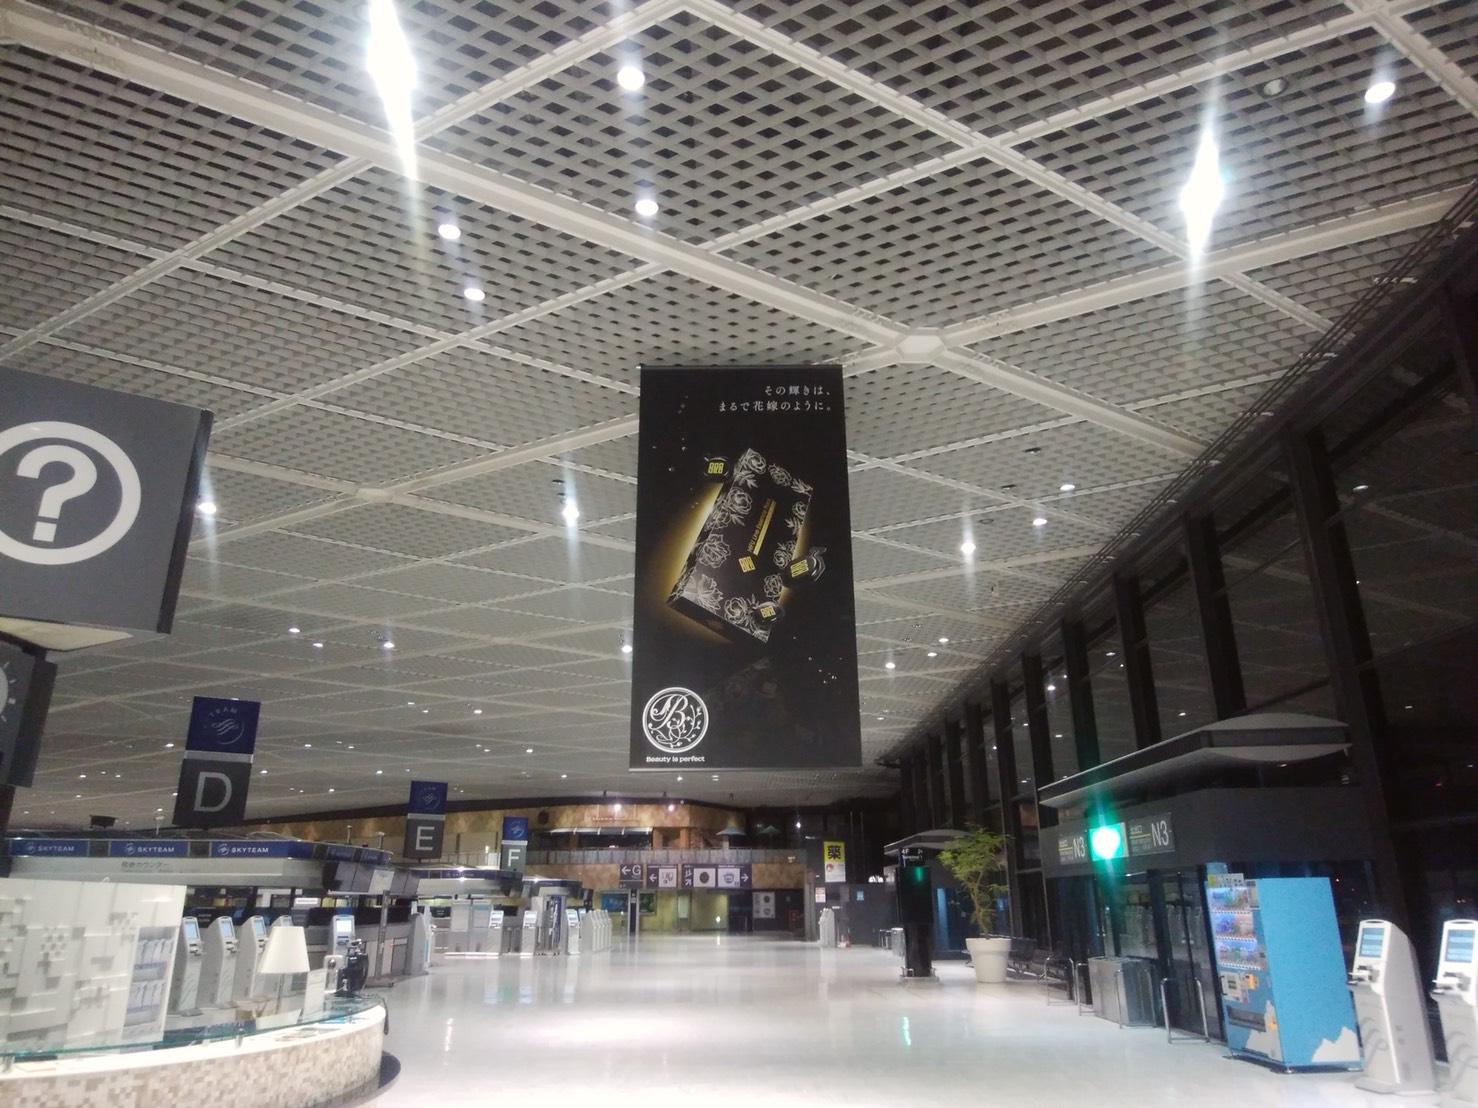 成田空港(新東京国際空港)に広告が出ています!